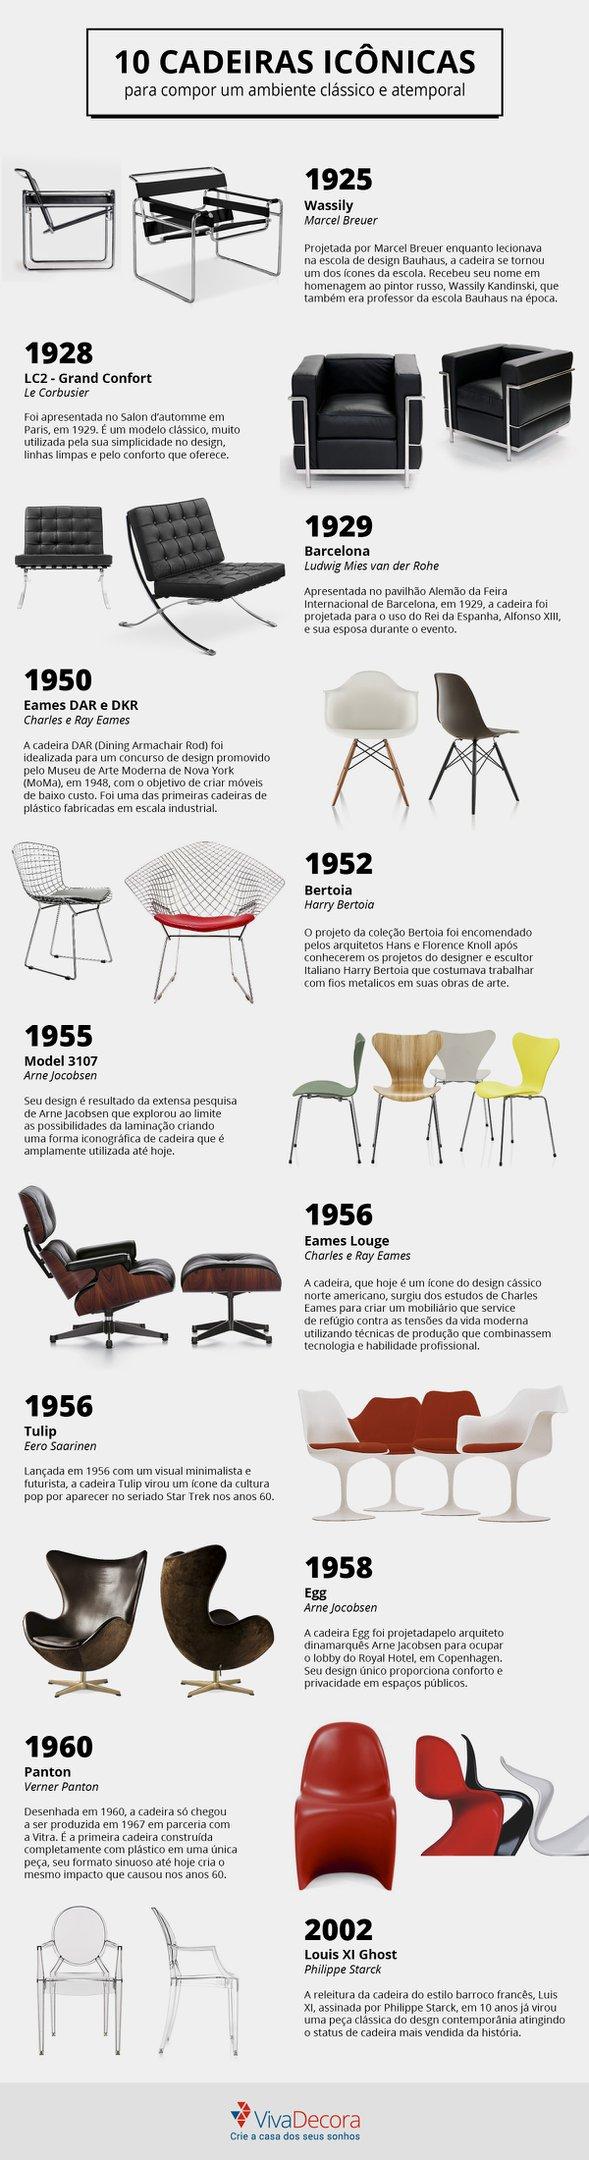 10 cadeiras icônicas que deixam sua casa cheia de personalidade